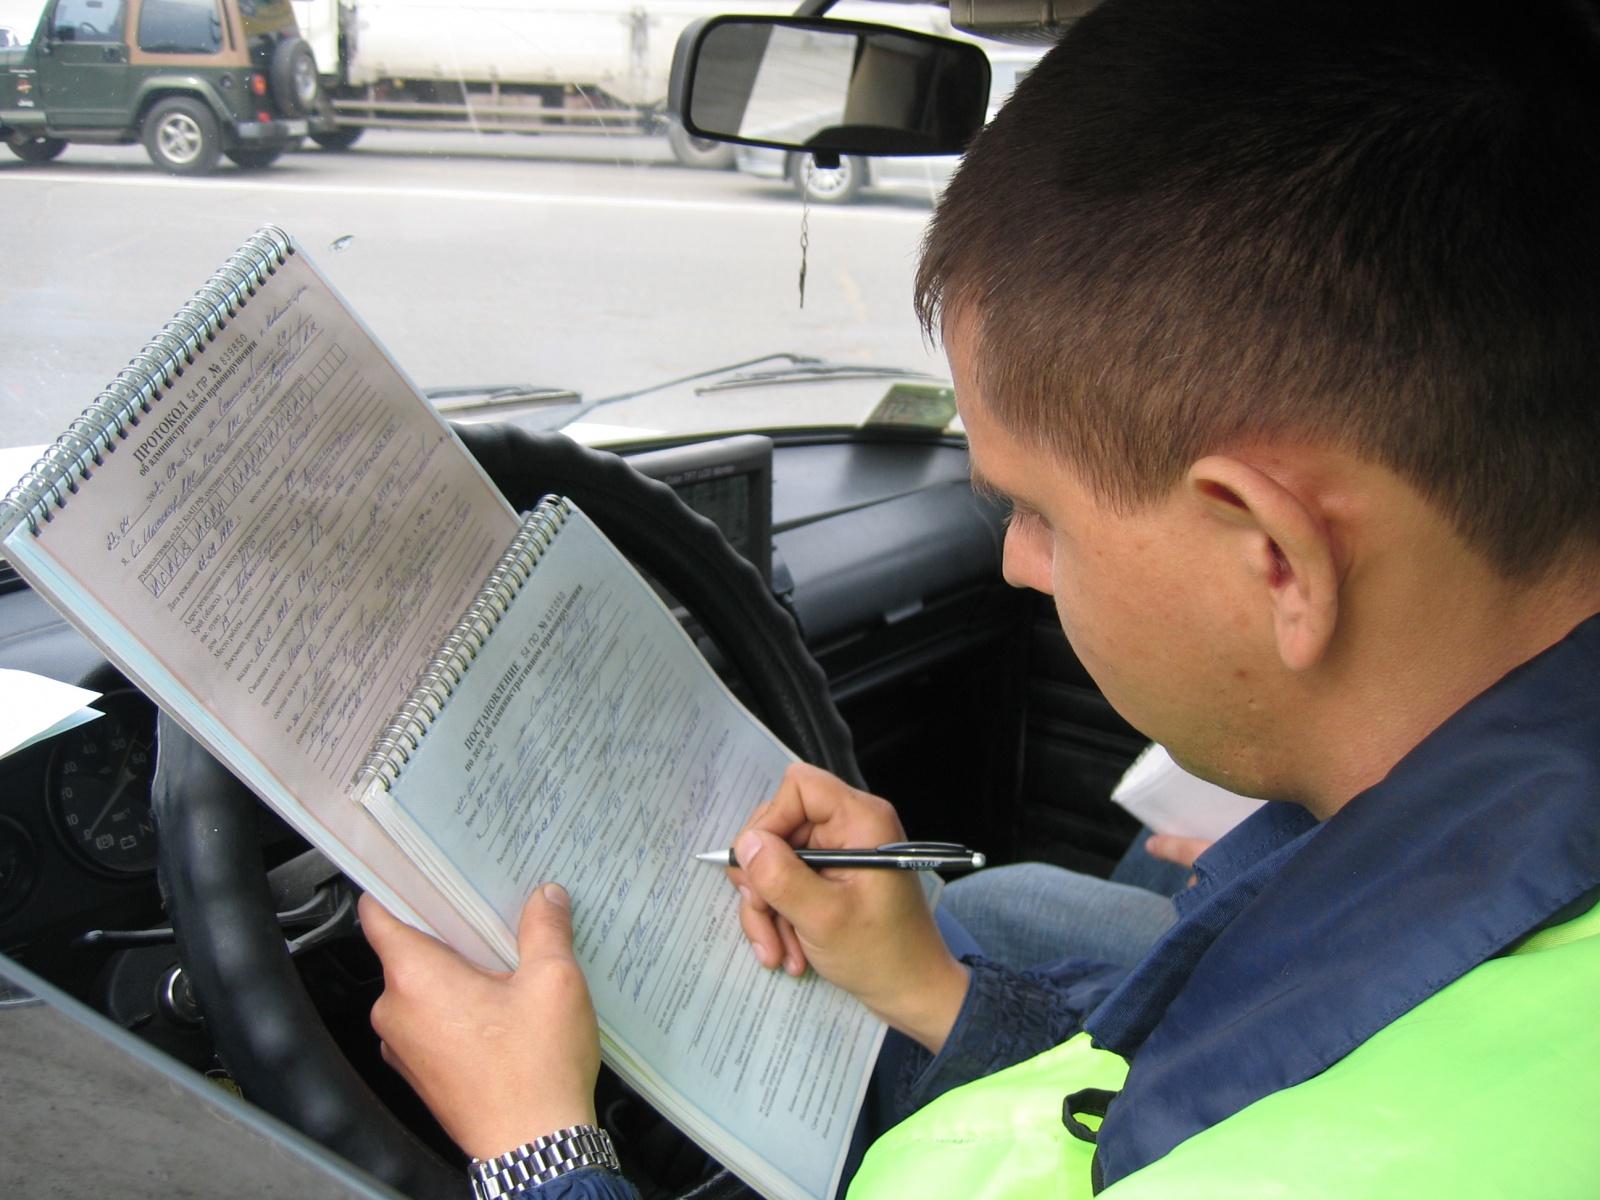 Сотрудник ДПС оформляет протокол административного правонарушения.